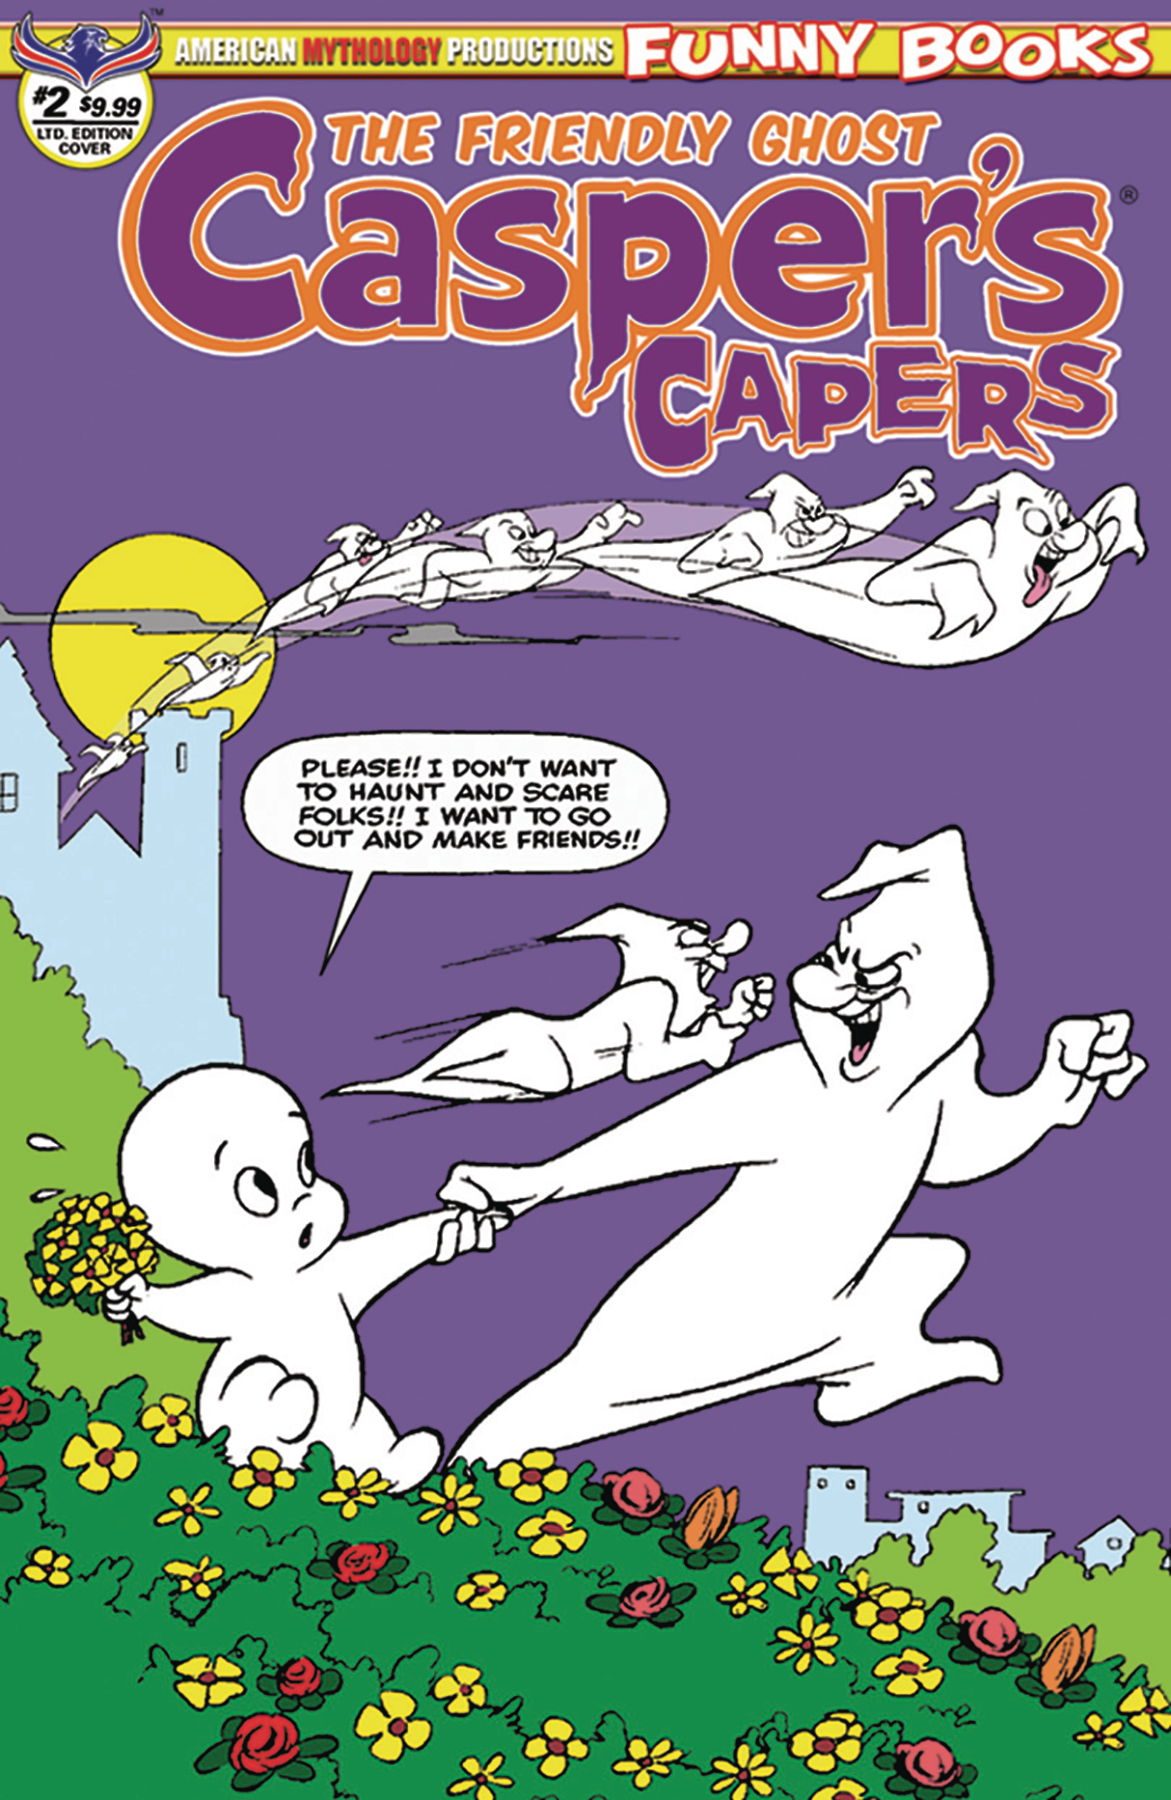 CASPER CAPERS #2 KREMER VINTAGE LTD ED CVR